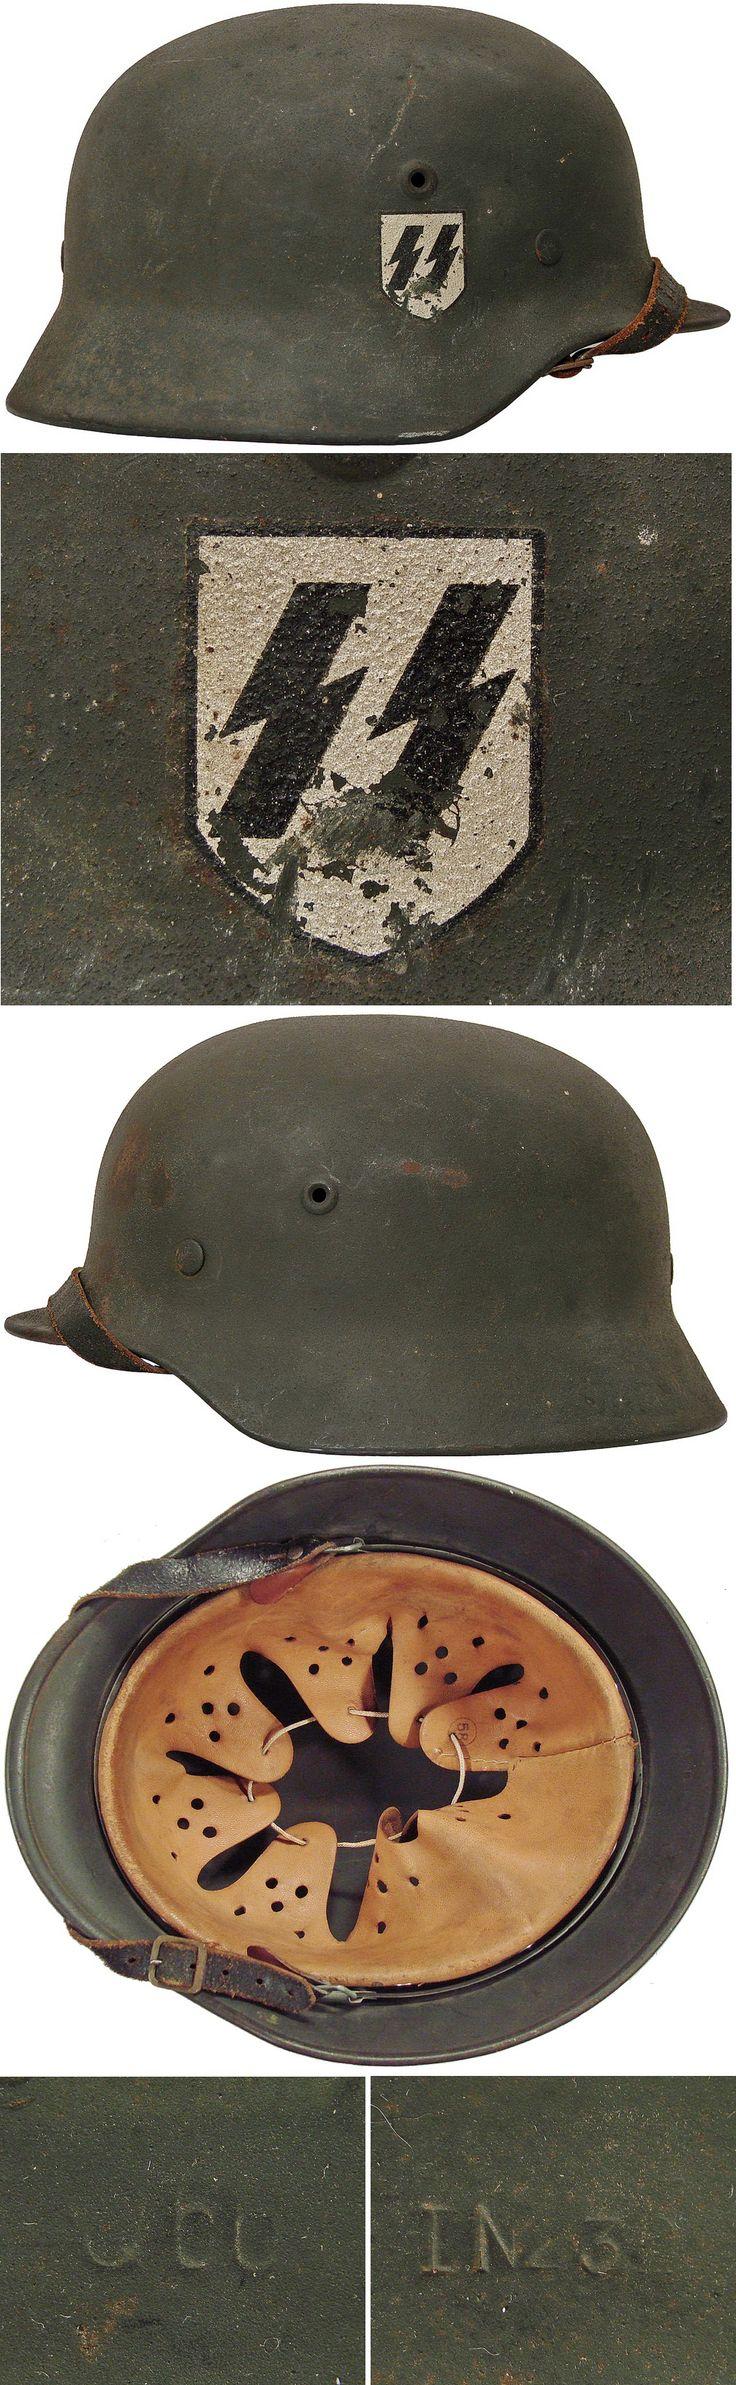 Helmet single Lumos Helmet - A Next Generation Bicycle Helmet – Lumos Helmet US